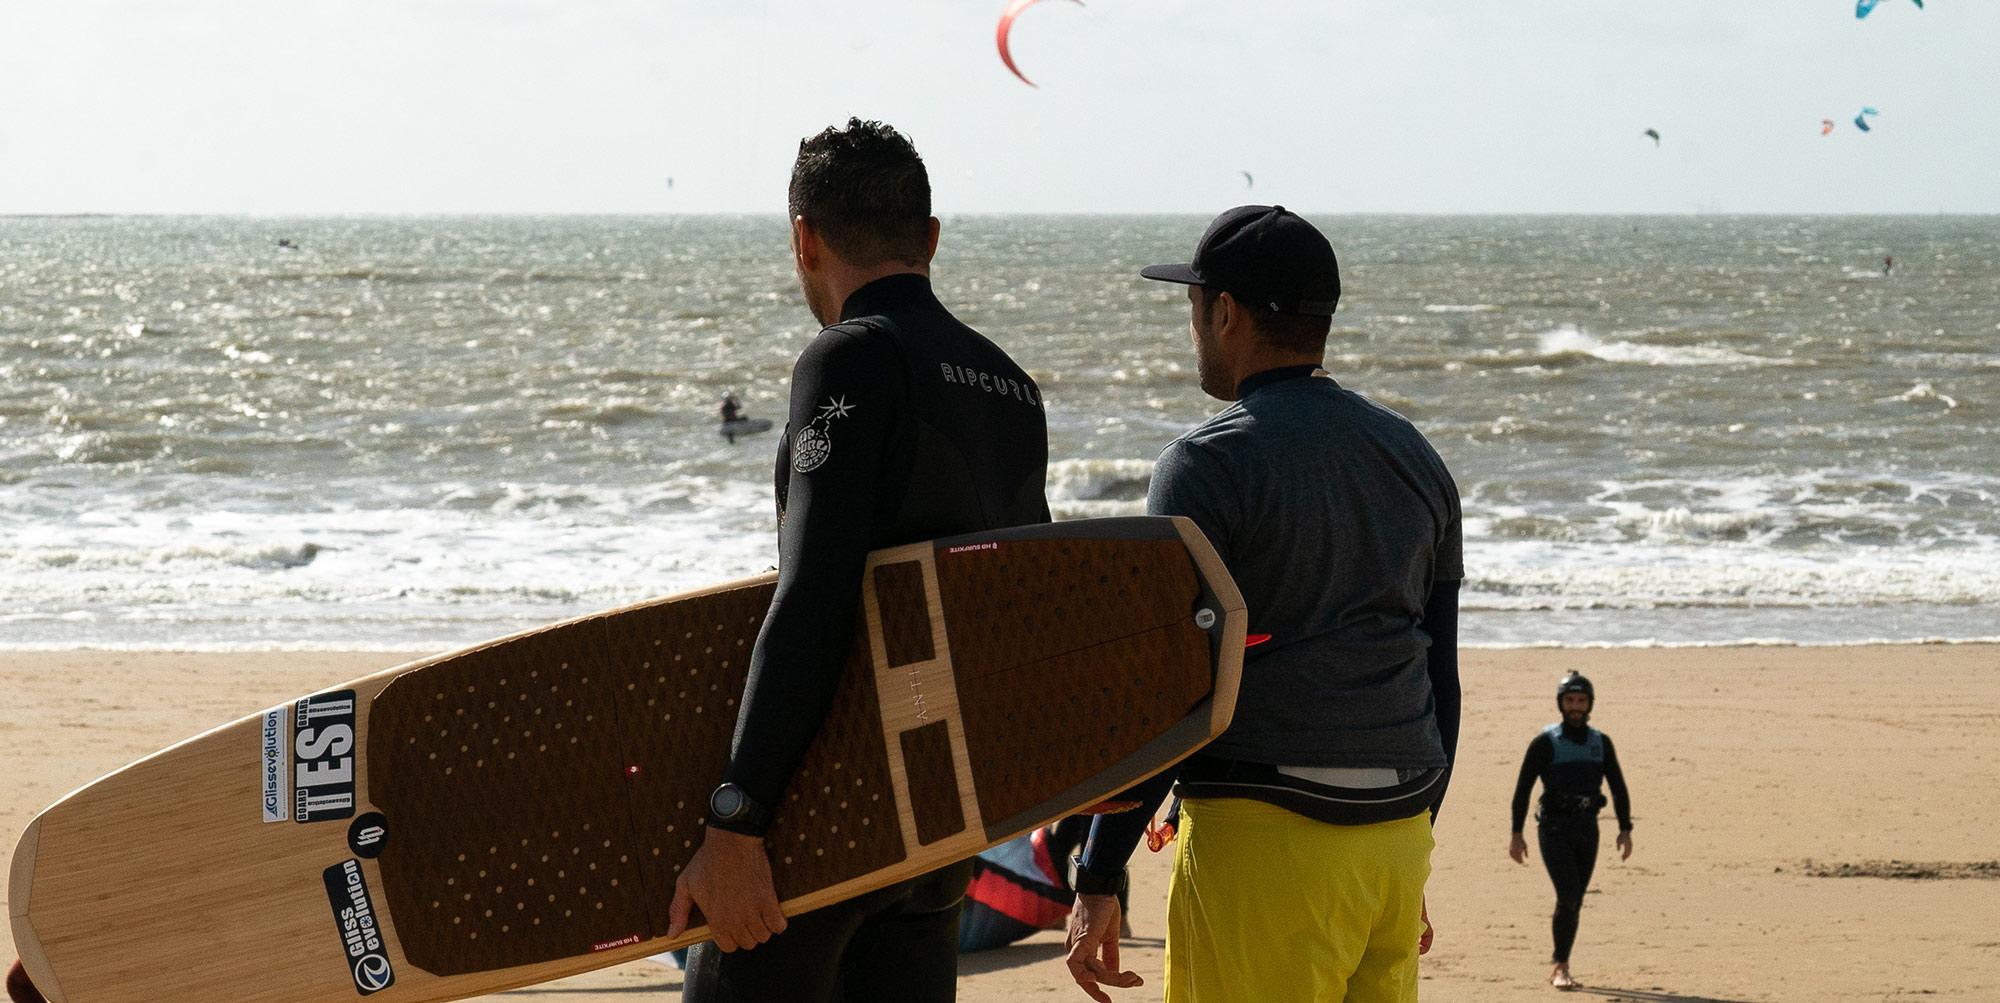 test-surfkite-Anti-passe-niquel-dans-le-clapot-et-a-un-énorme-pop-Pour-ceux-qui-aiment-surfer-dans-du-gros-la-décade-est-plus-typée-surf-et-va-vous-permettre-de-rider-de-vrais-vagues